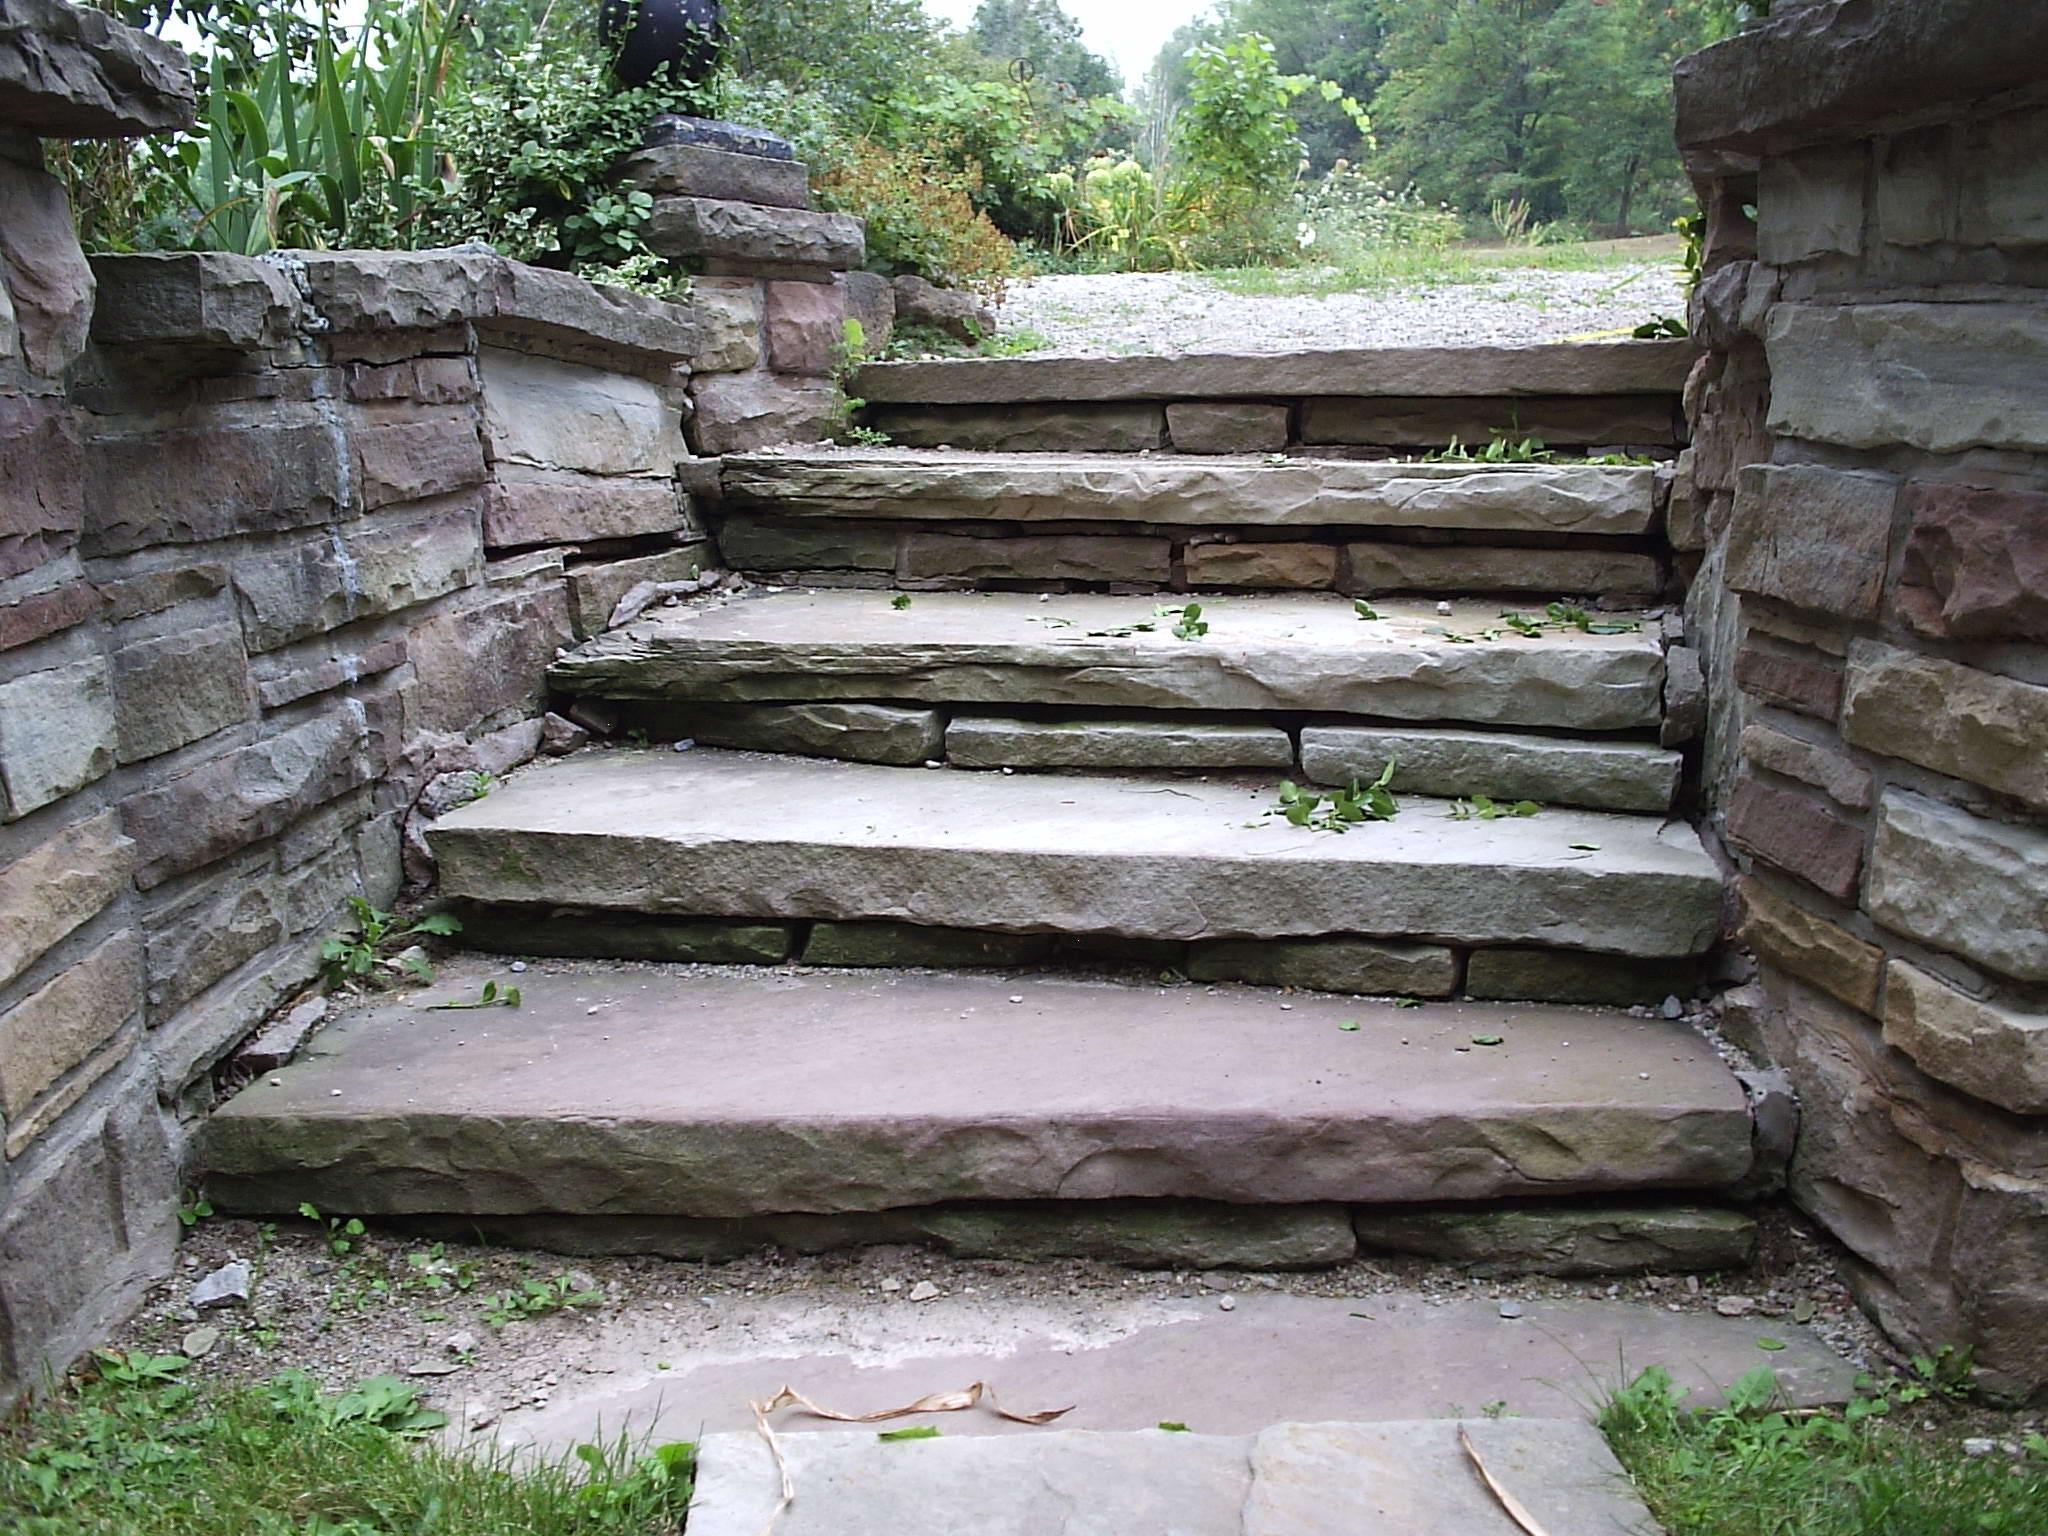 Stone Stairway And Brick Repair